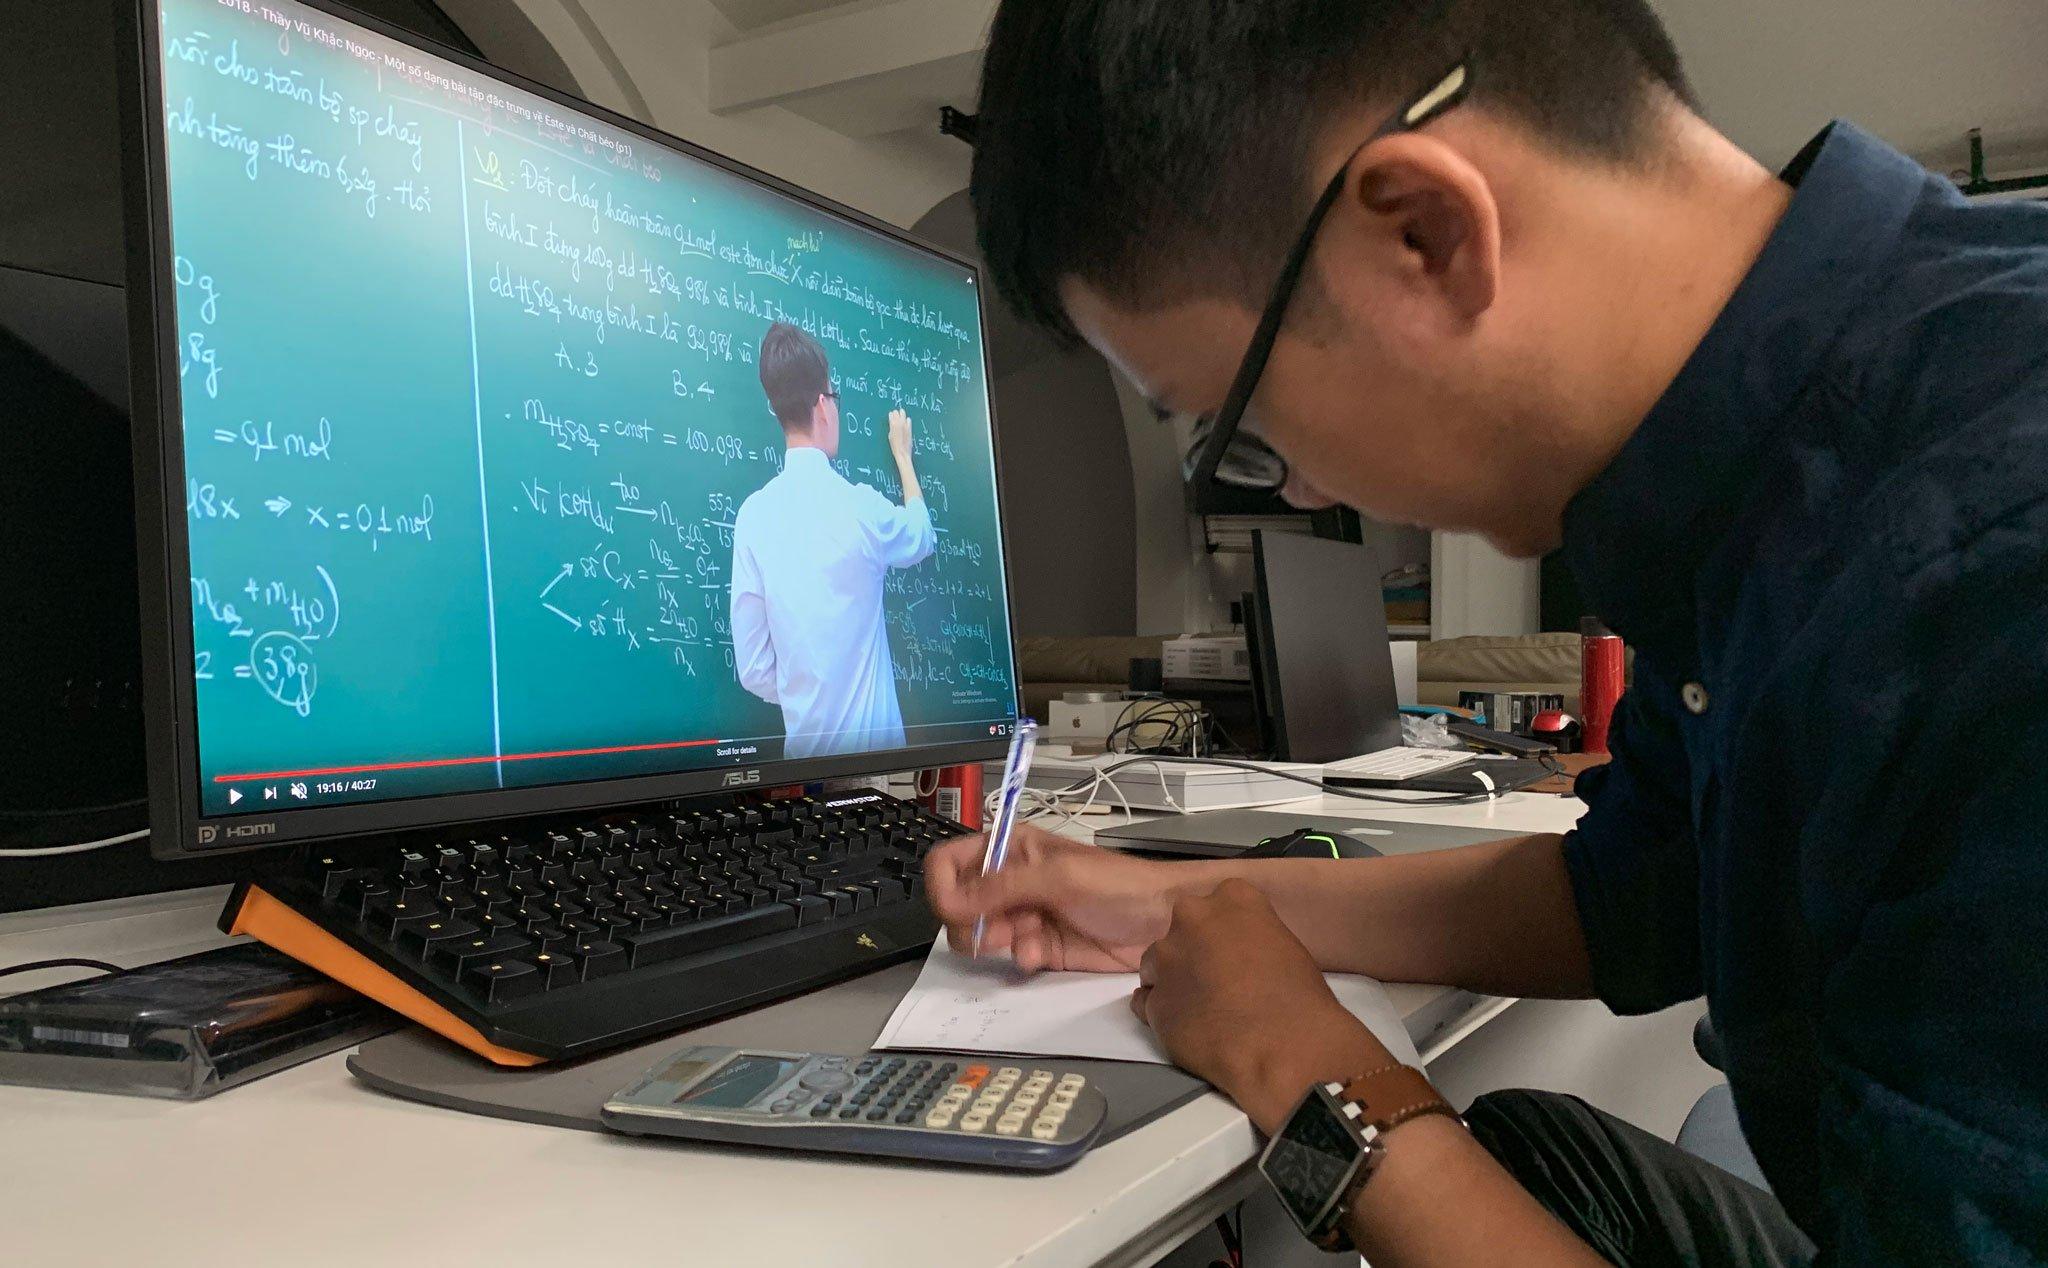 Việc dạy học trực tuyến đã được nhiều trường đại học triển khai như một hình thức bắt buộc trong thời gian sinh viên nghỉ học tập trung để phòng chống dịch bệnh Covid-19. Ảnh: Tinh Tế